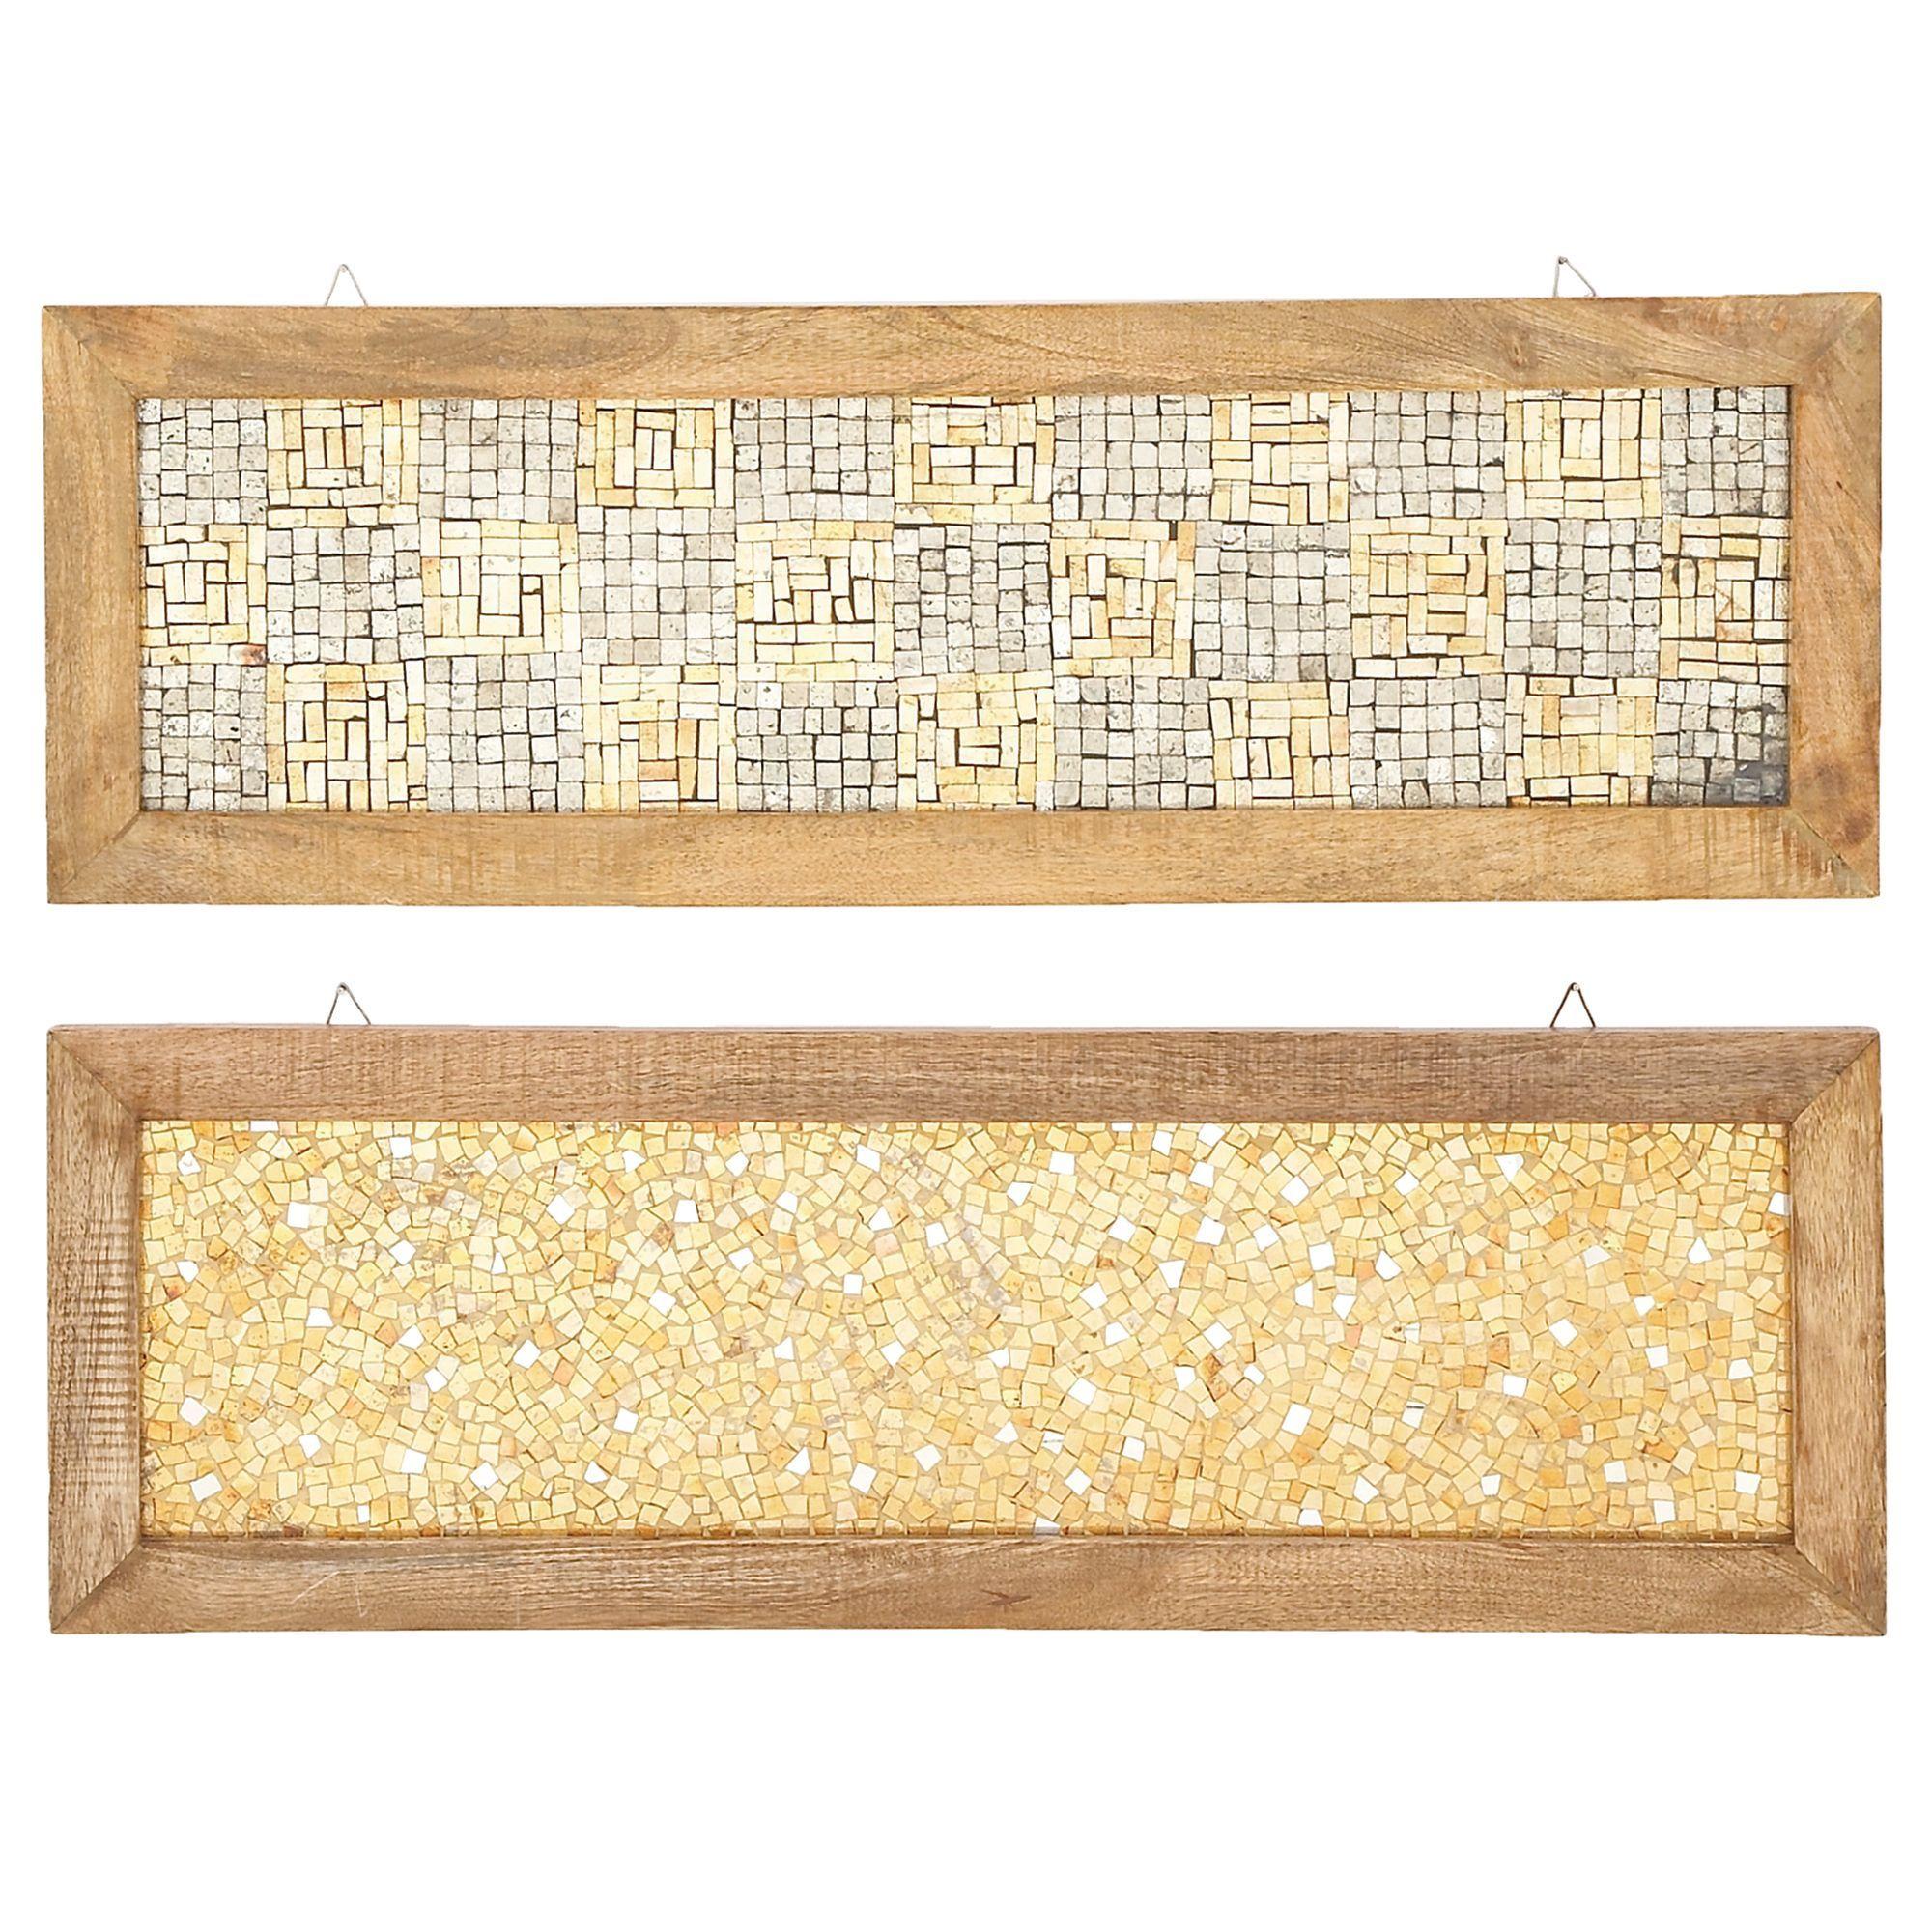 Fancy Wooden Wall Art Panels Ideas - All About Wallart - adelgazare.info